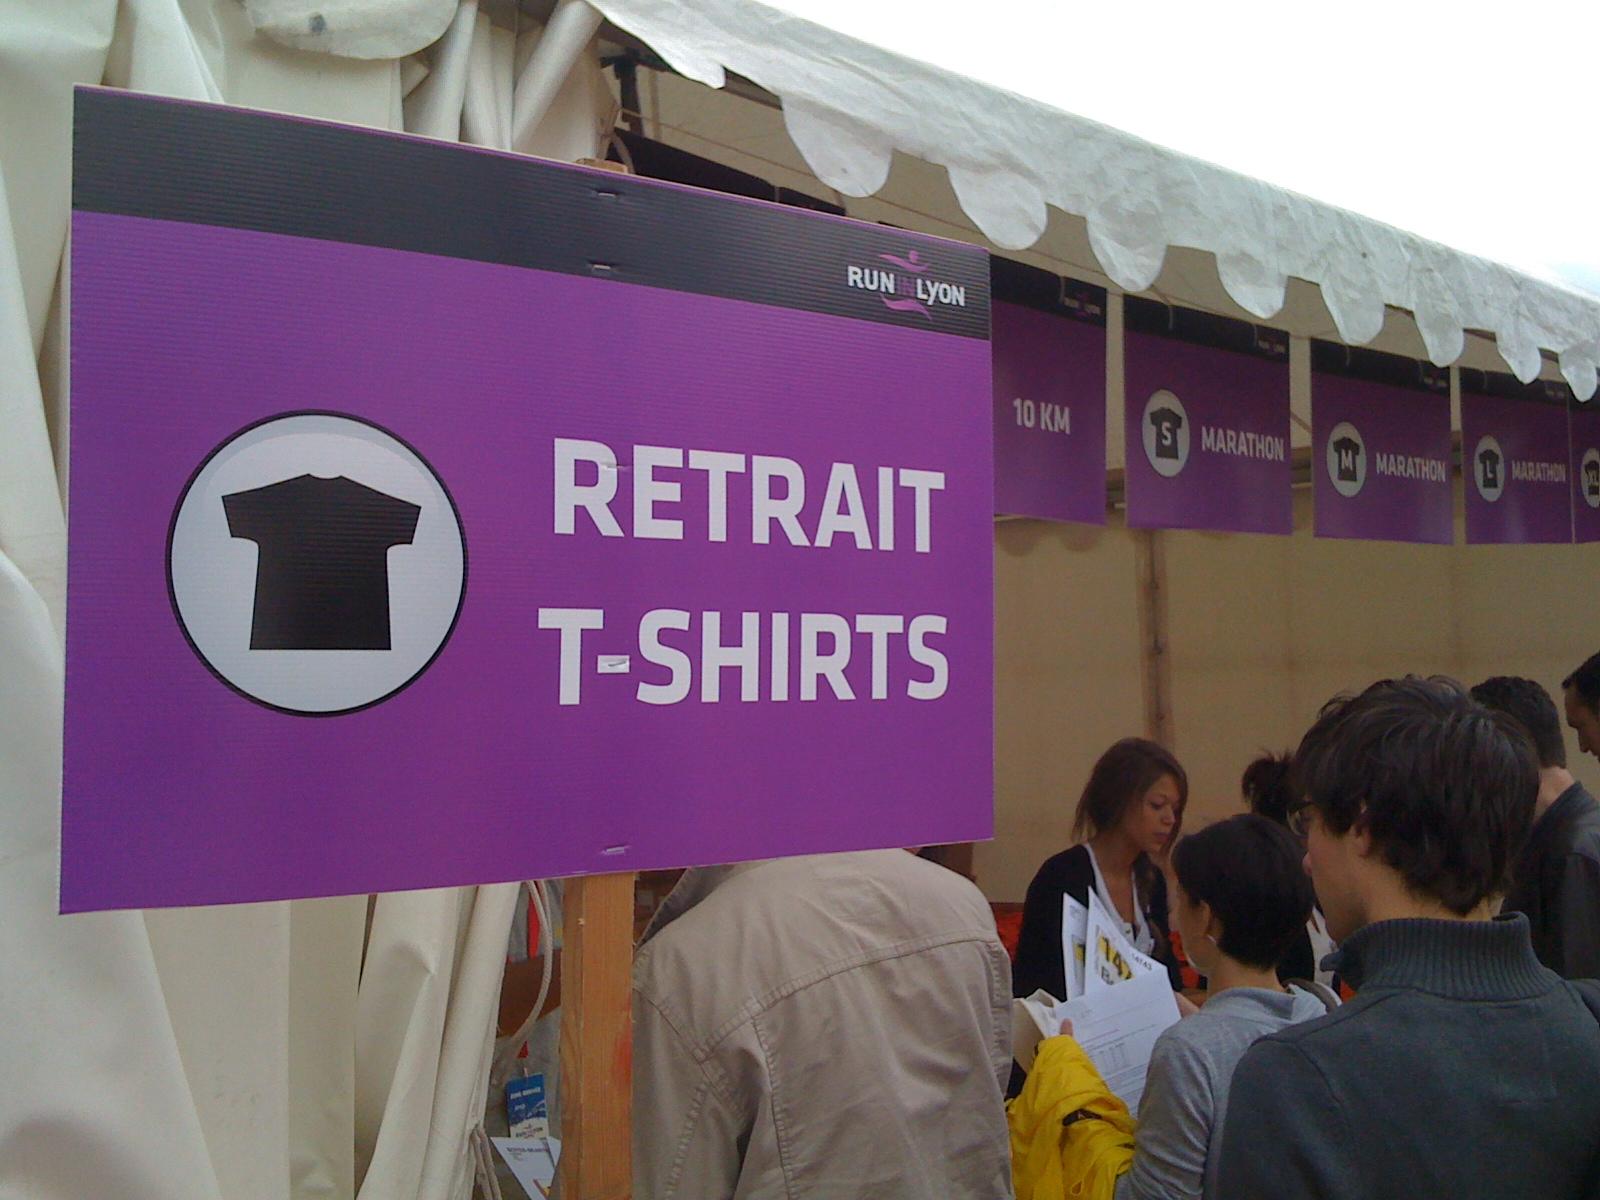 étape 12 - direction le retrait des tshirts